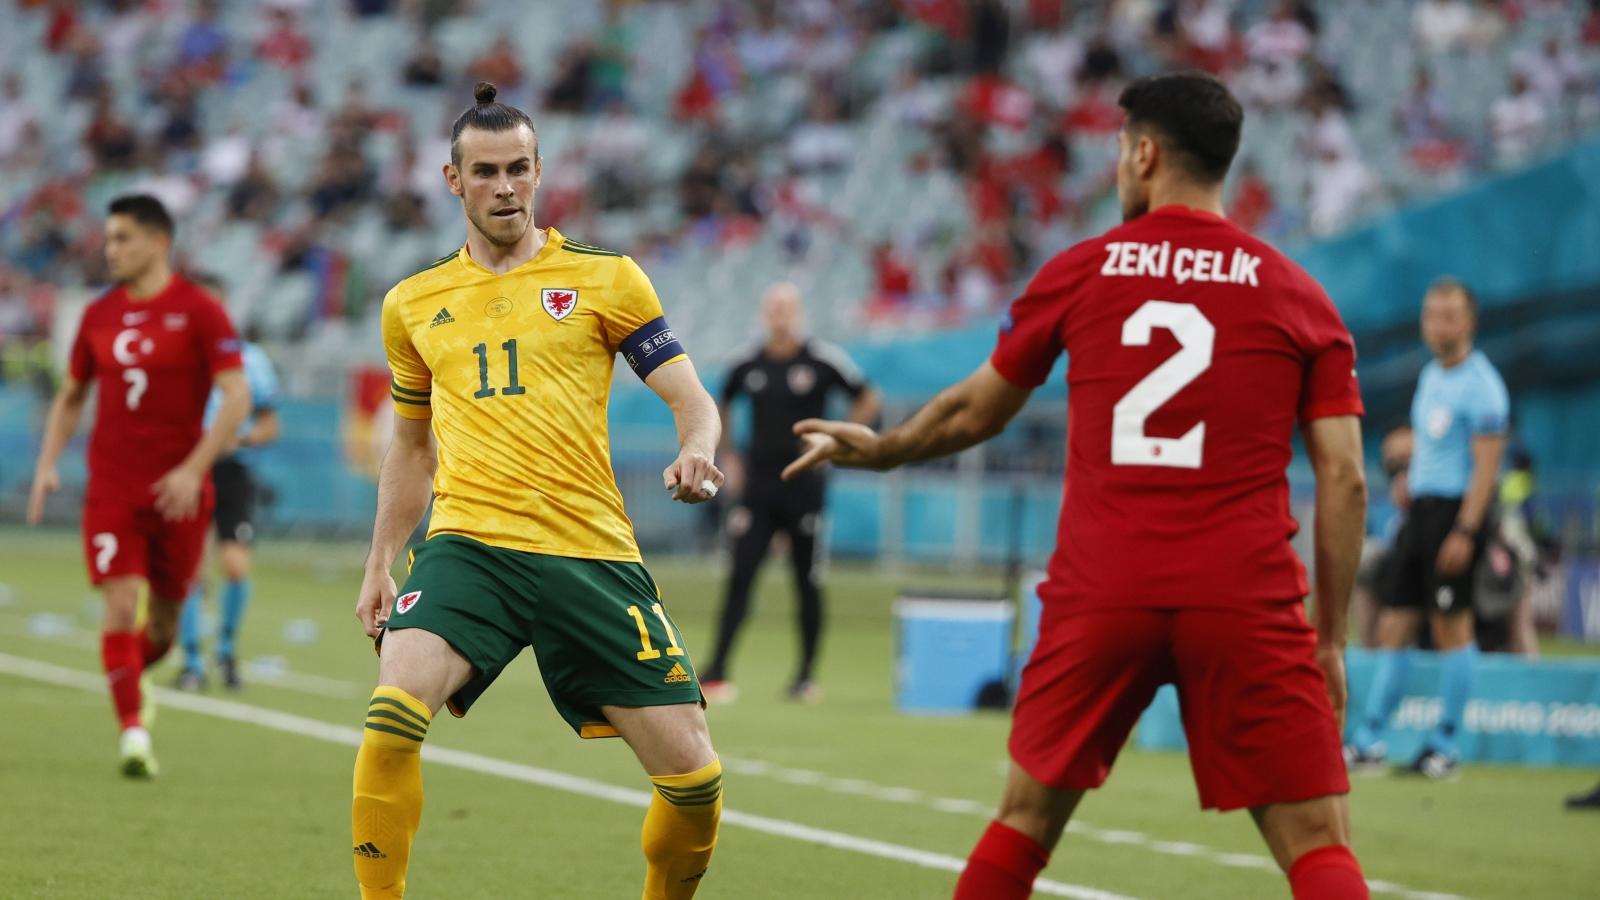 Trực tiếp Thổ Nhĩ Kỳ 0-0 Xứ Wales: Đôi công hấp dẫn